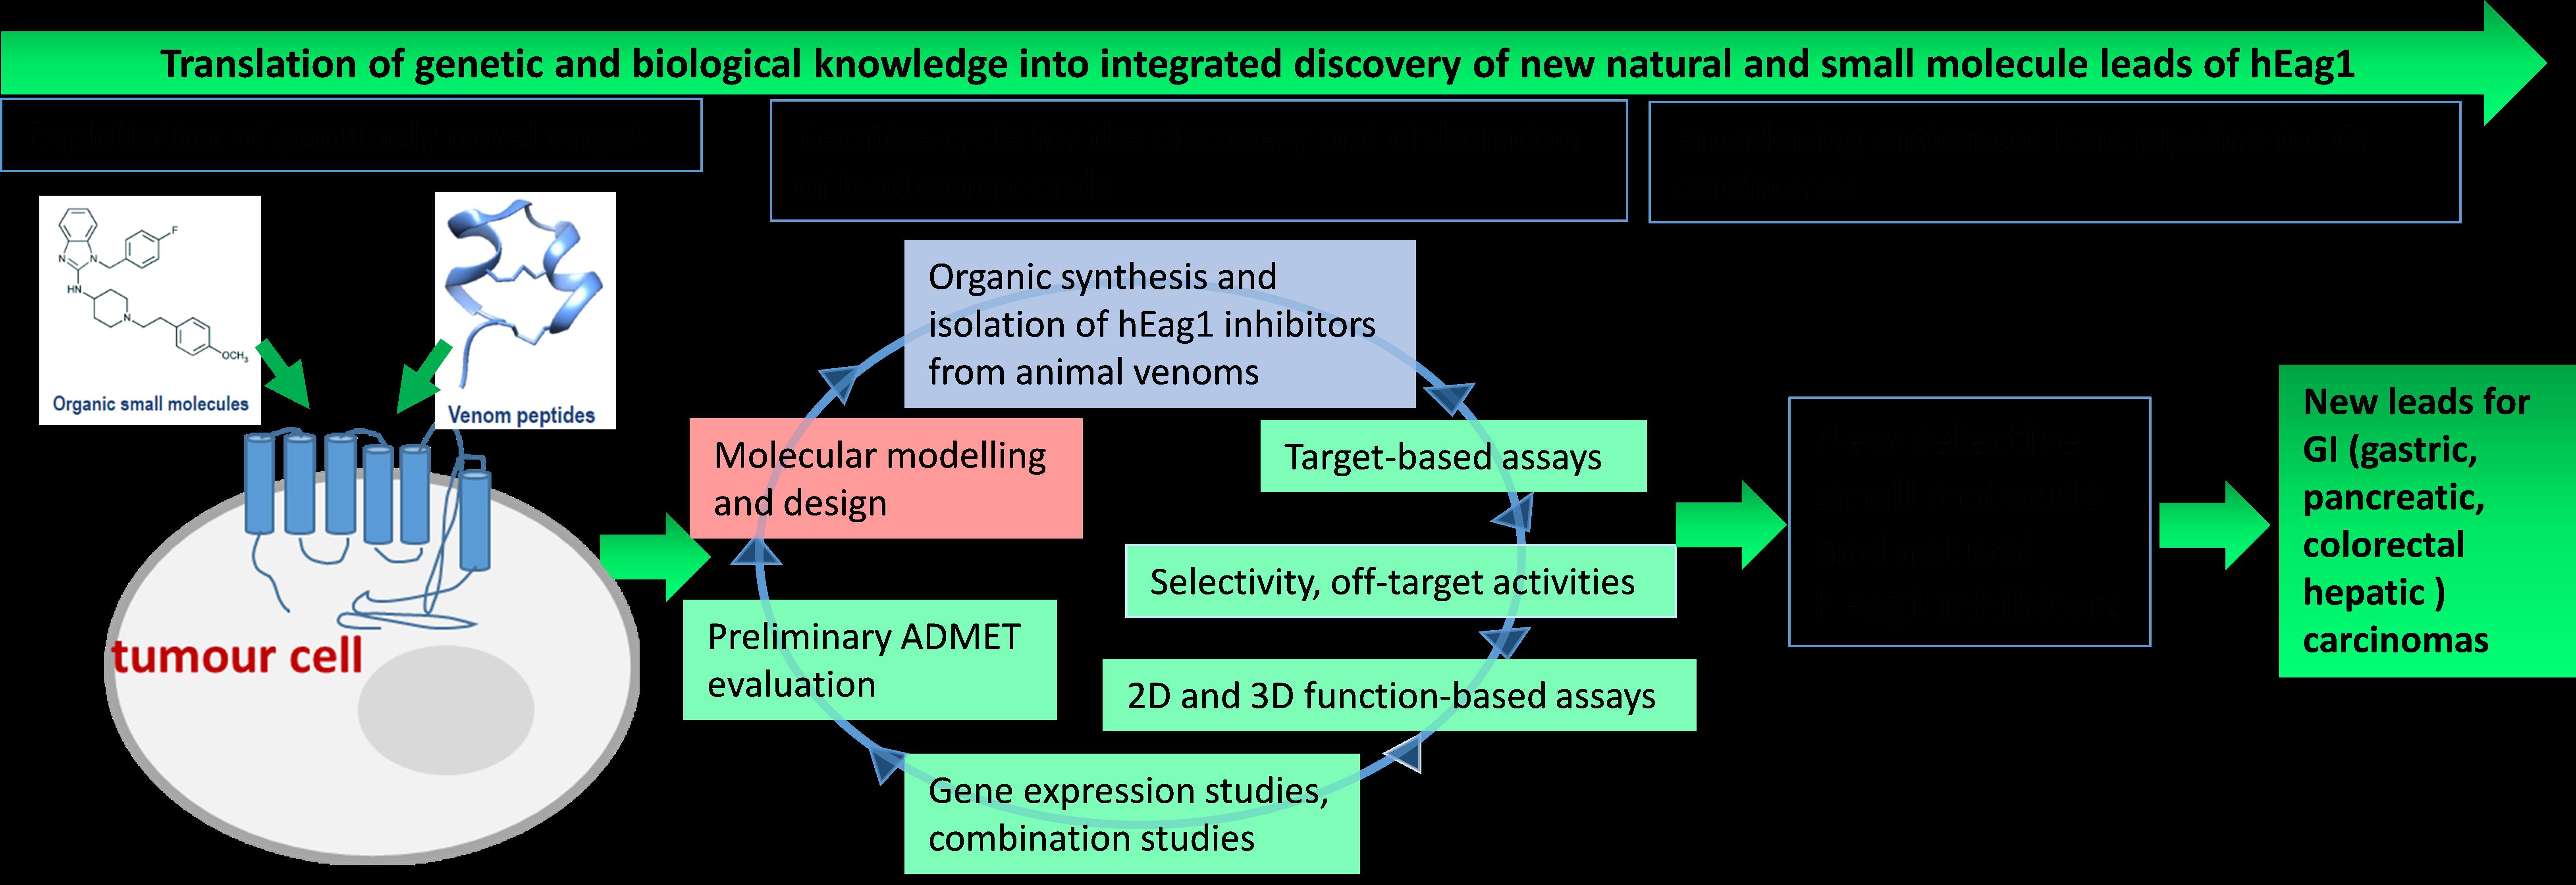 Odkrivanje in mehanizem delovanja novih spojin vodnic hEag1 kalijevih kanalov s protirakavim delovanjem opis